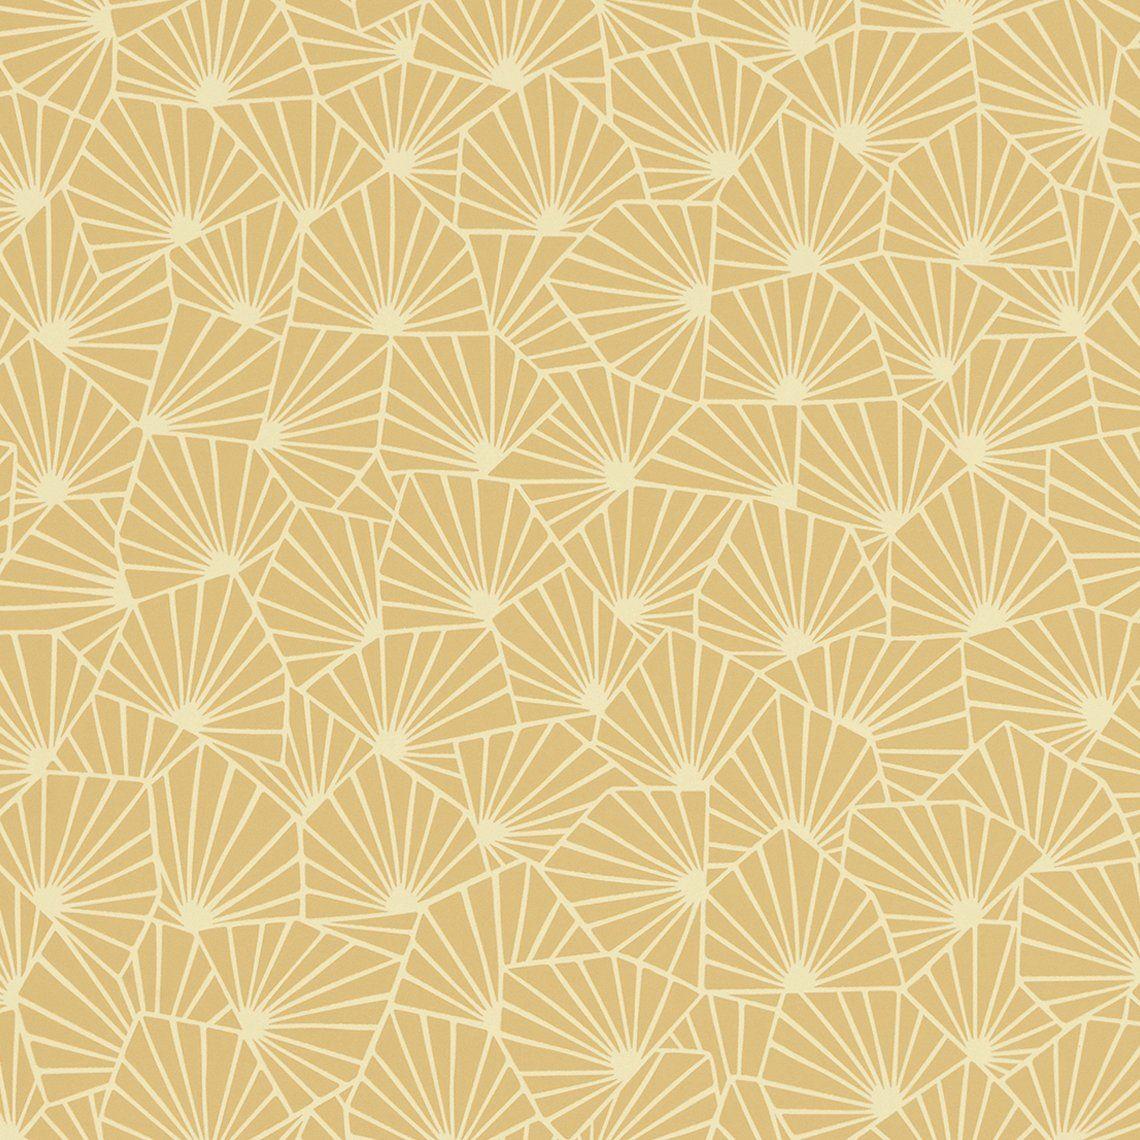 Papier Peint Jaune Moutarde papier peint roxane 100% intissé motif graphique mat, jaune